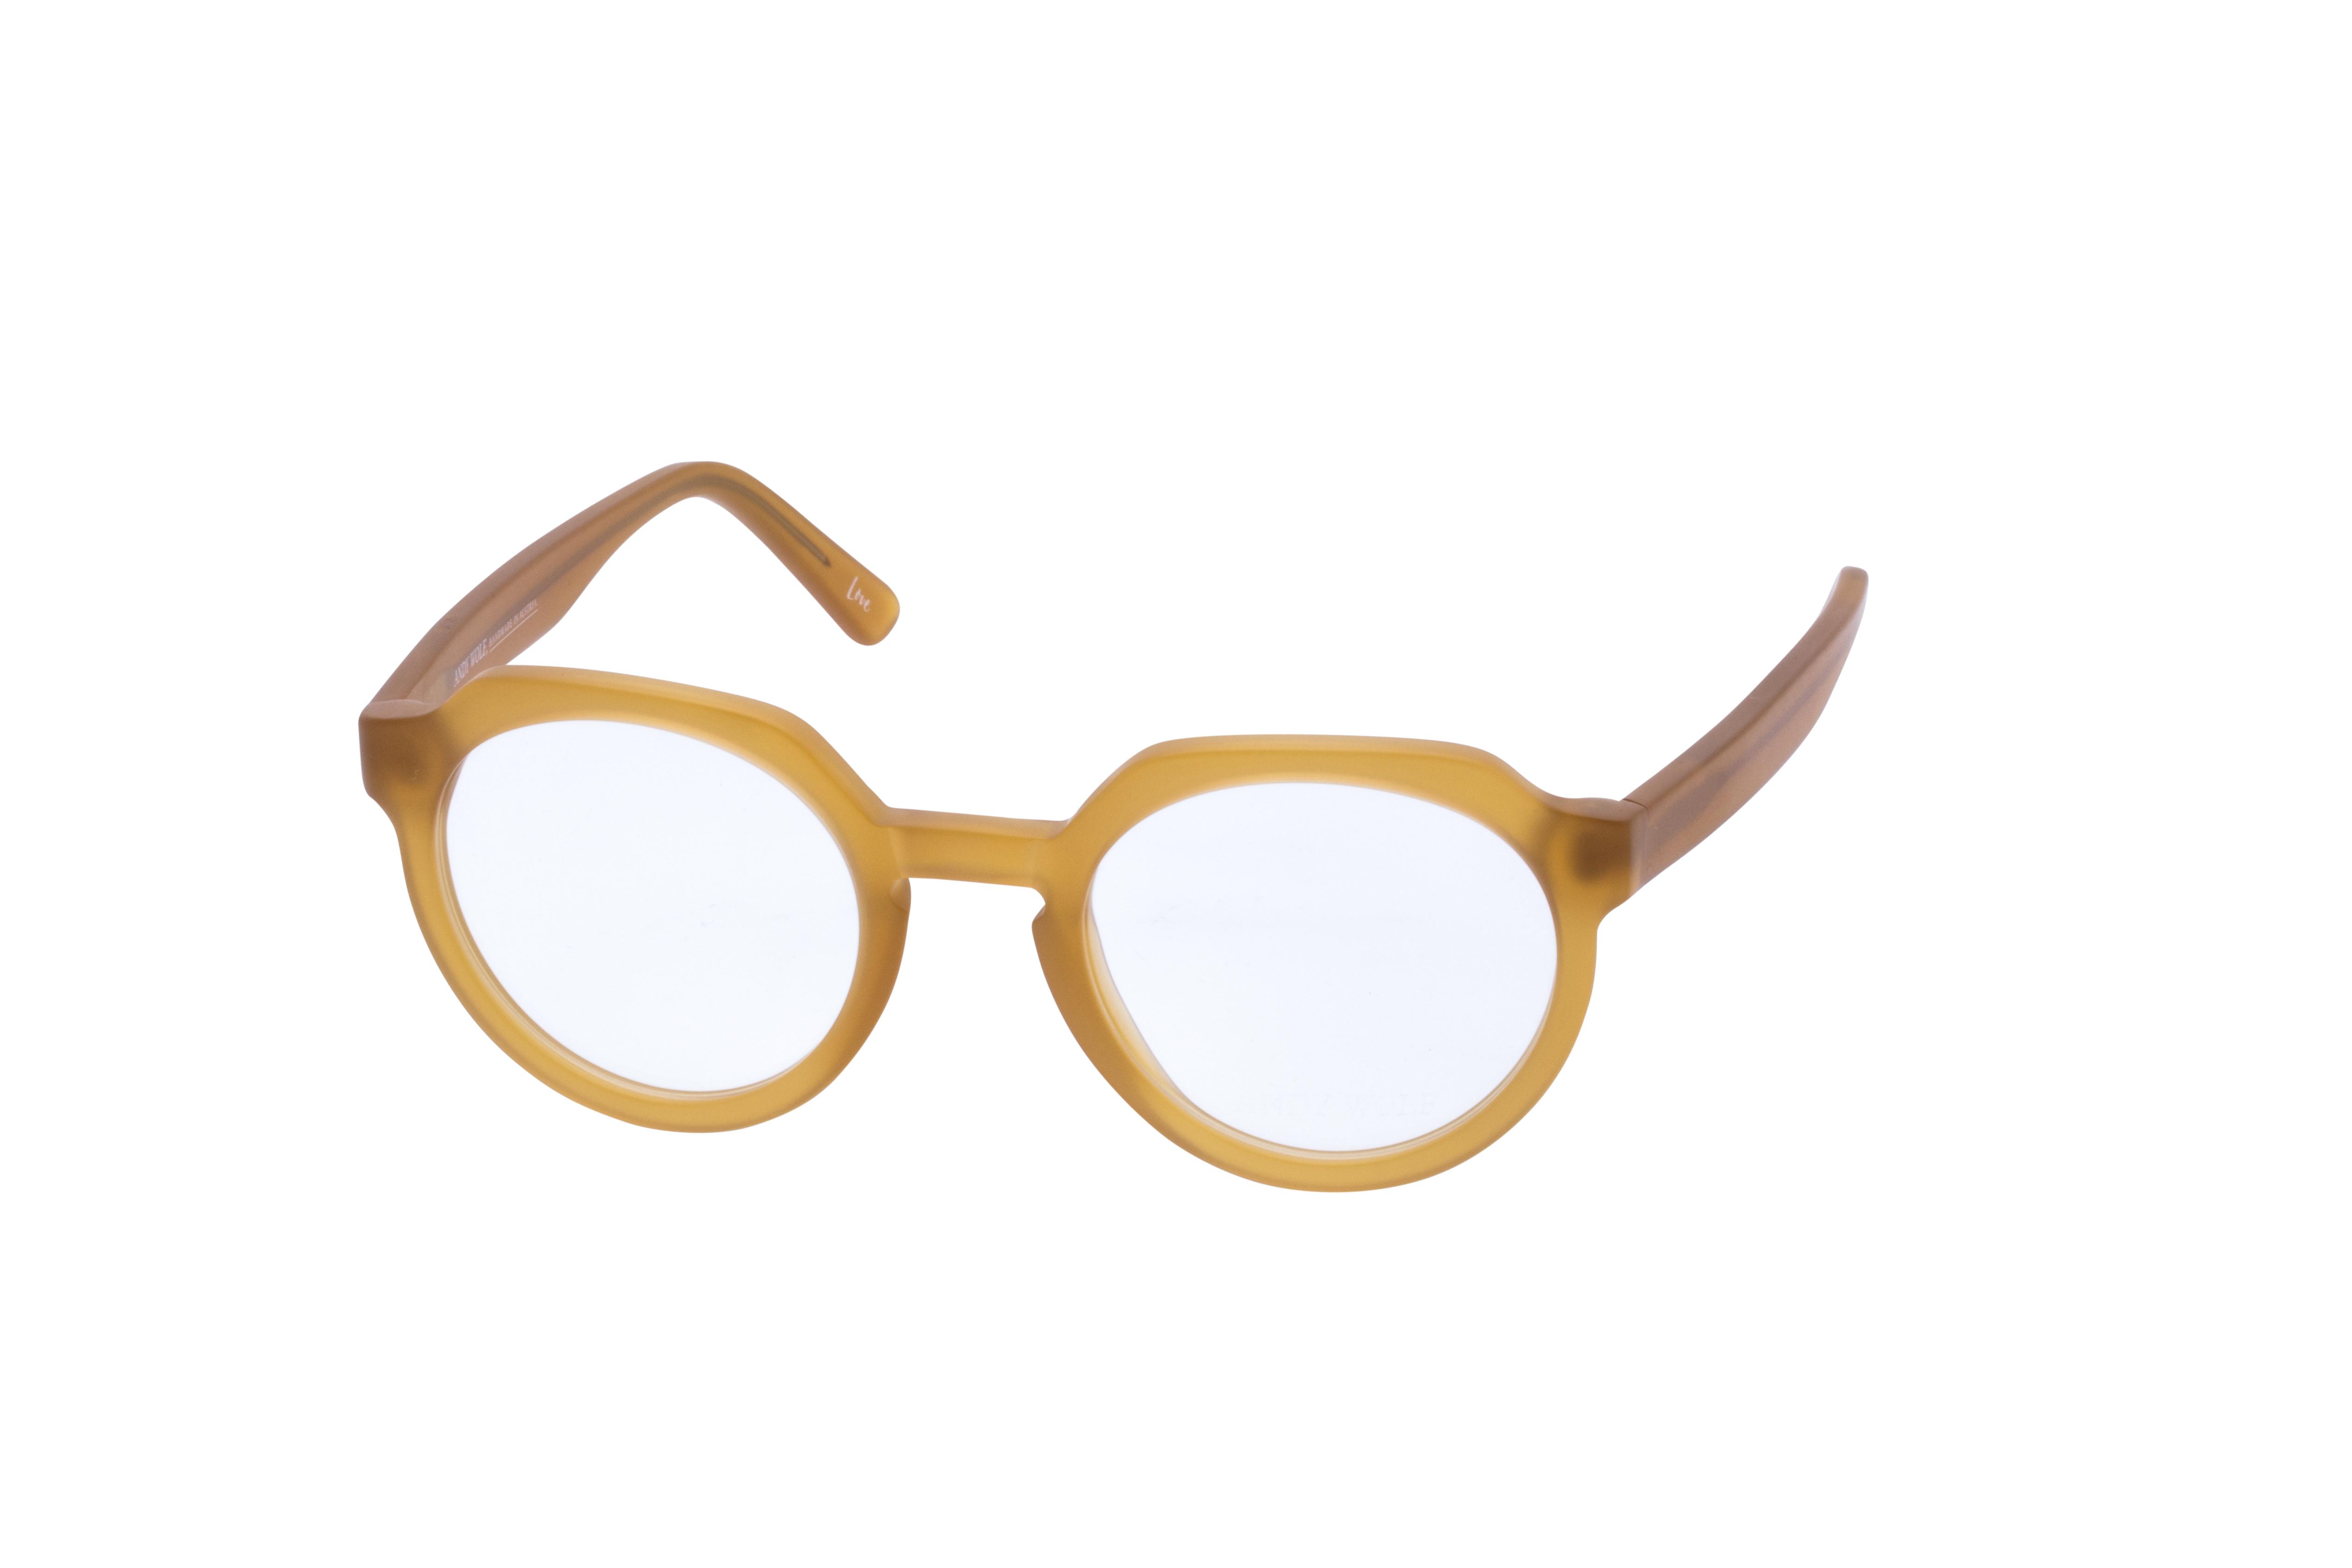 360 Grad Ansicht 23 Andy Wolf 4570, Brille auf Weiß - Fassung bei KUNK